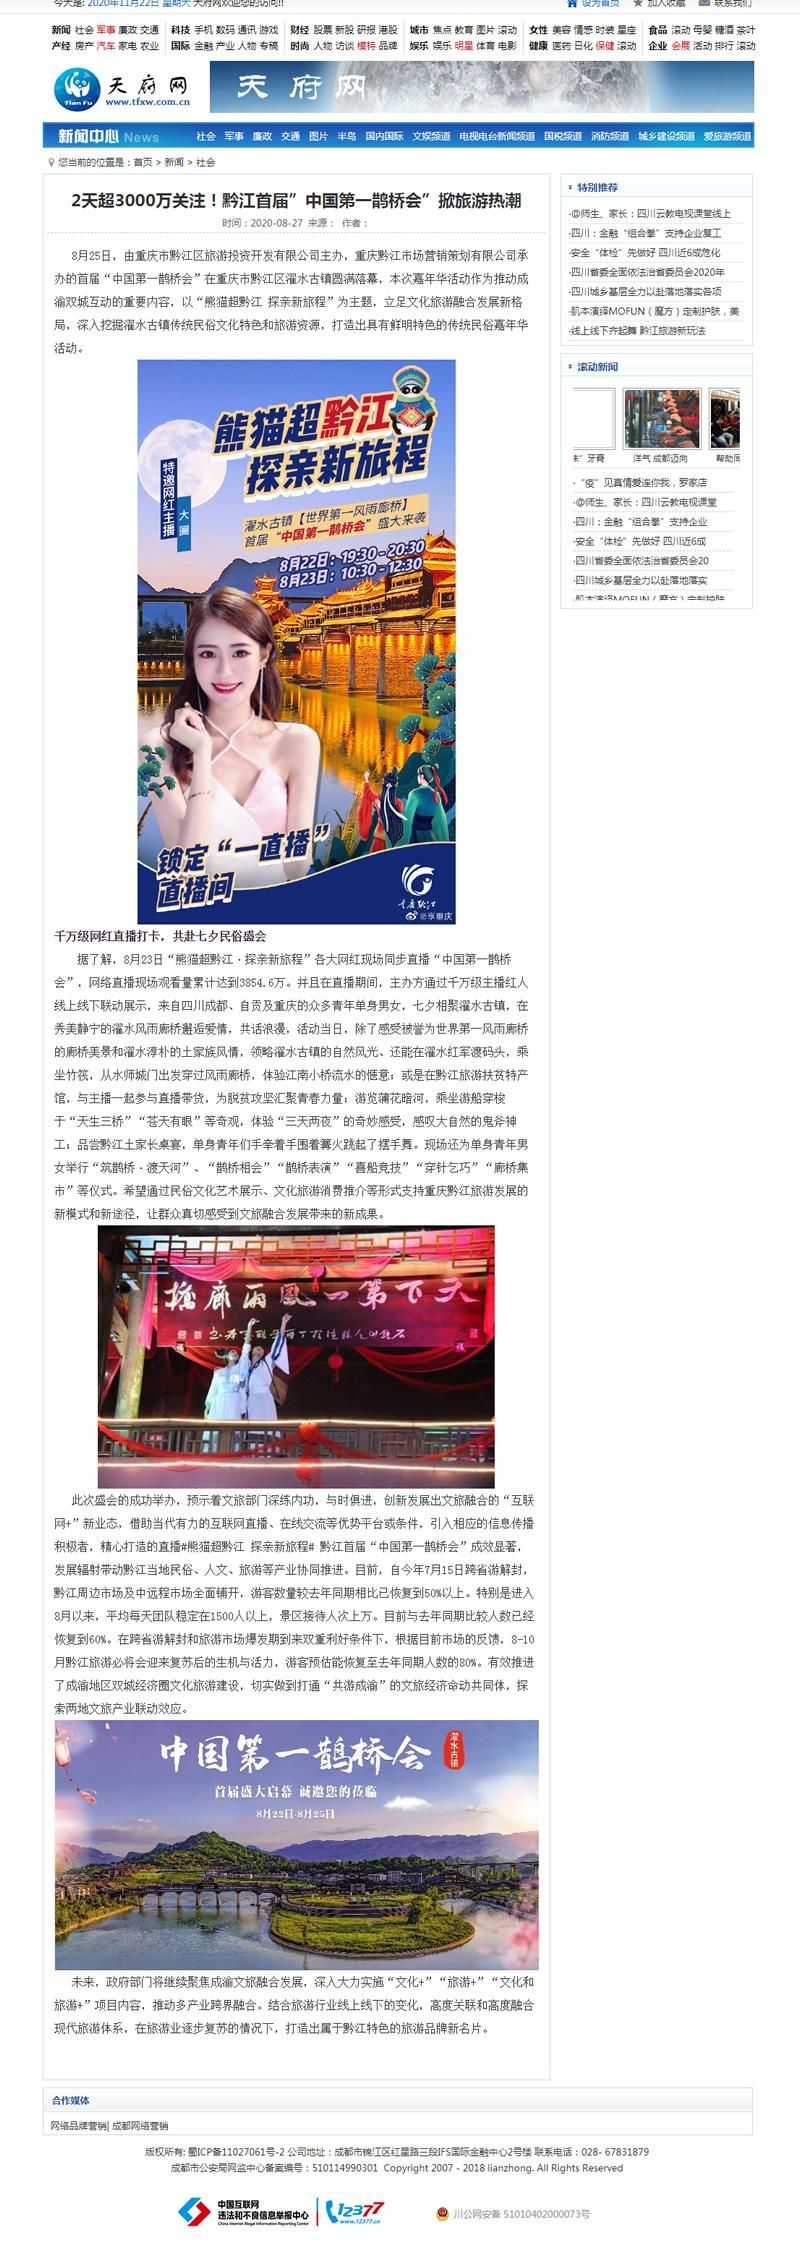 新闻资讯门户网站整站源码 帝国cms内核 第3张